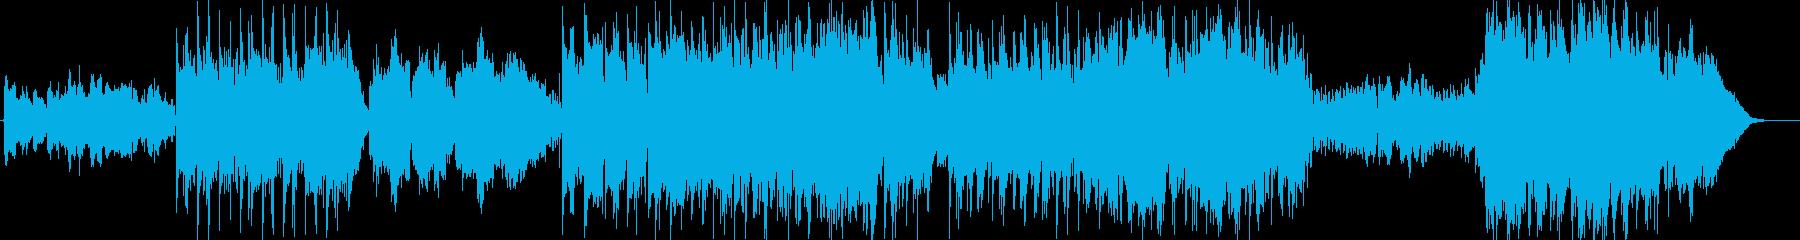 民俗楽器を多用したケルティックの再生済みの波形